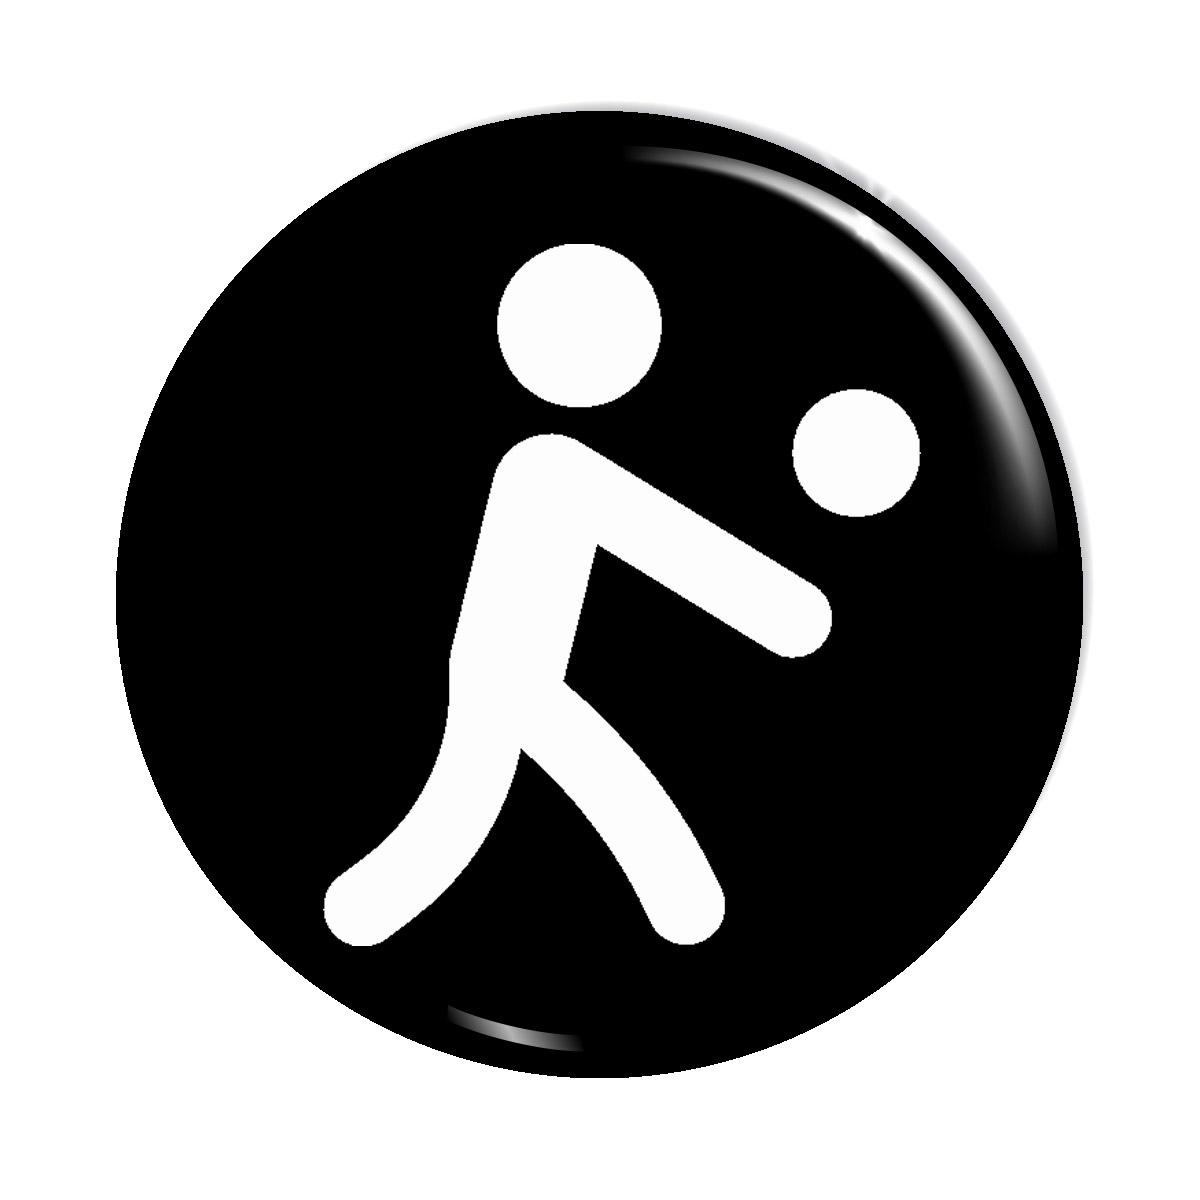 پیکسل آسانا طرح ورزش والیبال کد ASA161